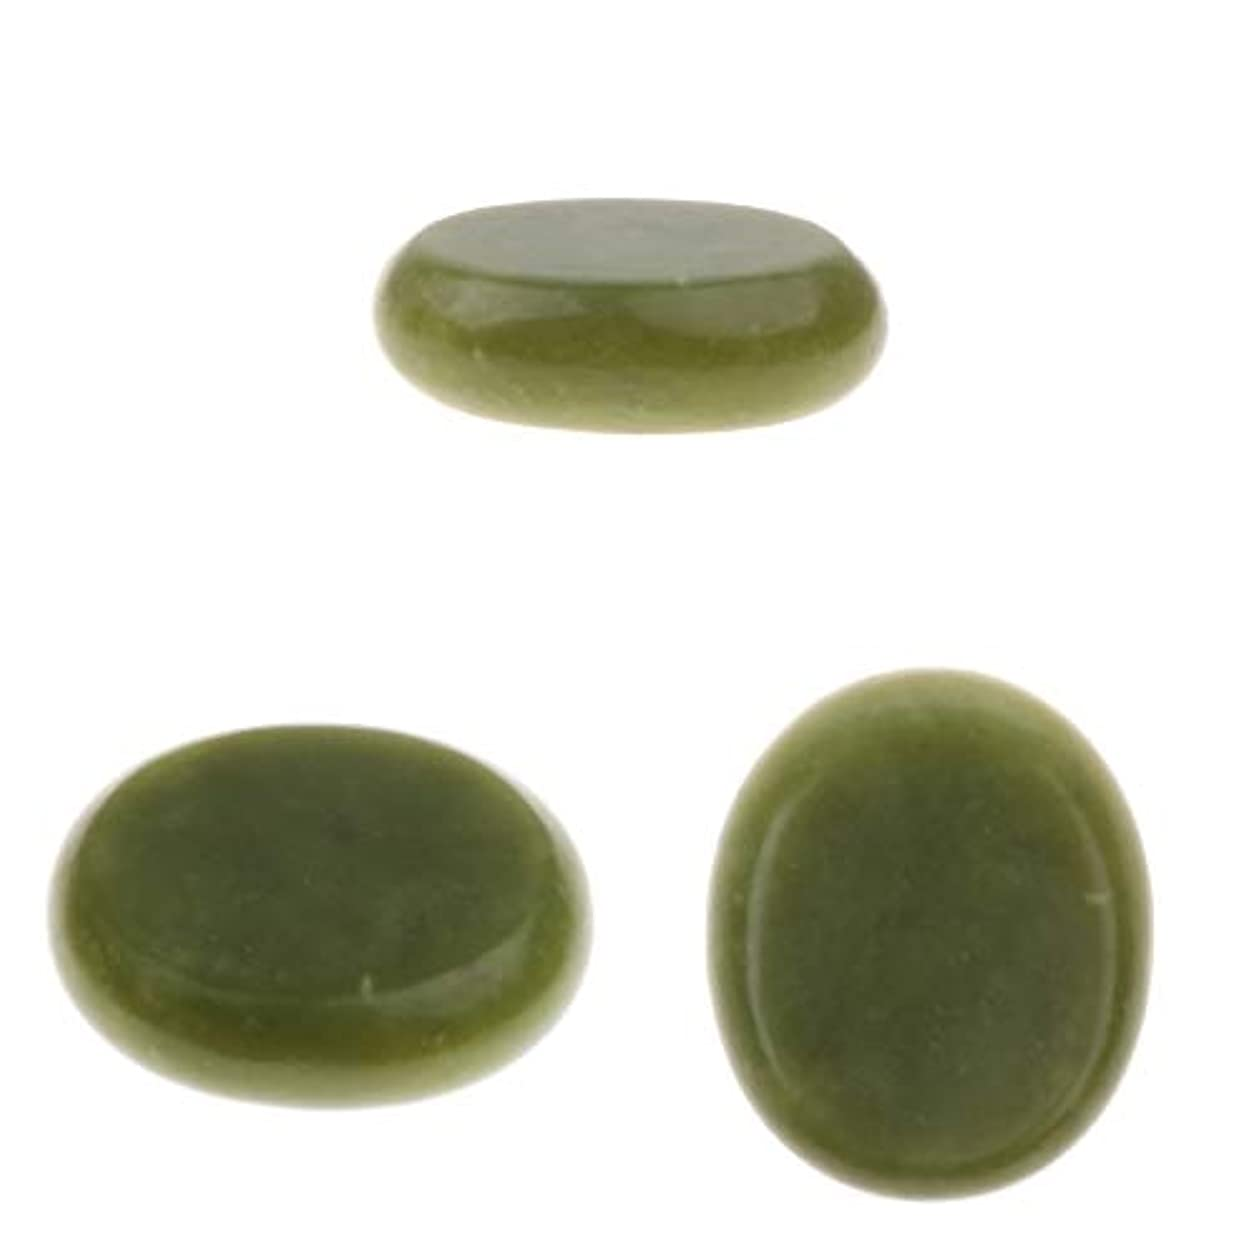 ケープ化学薬品抗生物質3ピース/枚/個/枚フルボディマッサージストーンホットスパサロンエナジーストーン5 X 6cm